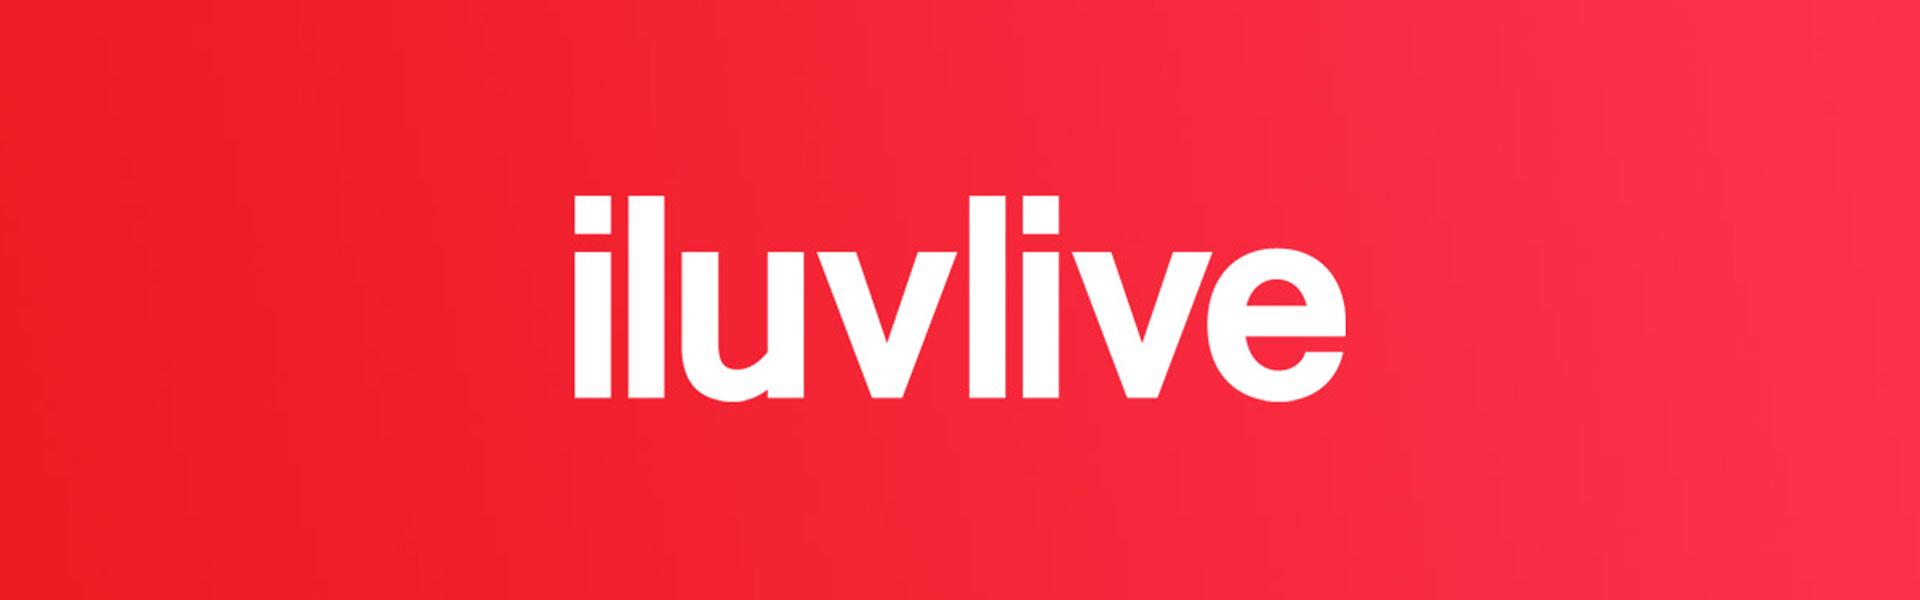 iluvlive-banner